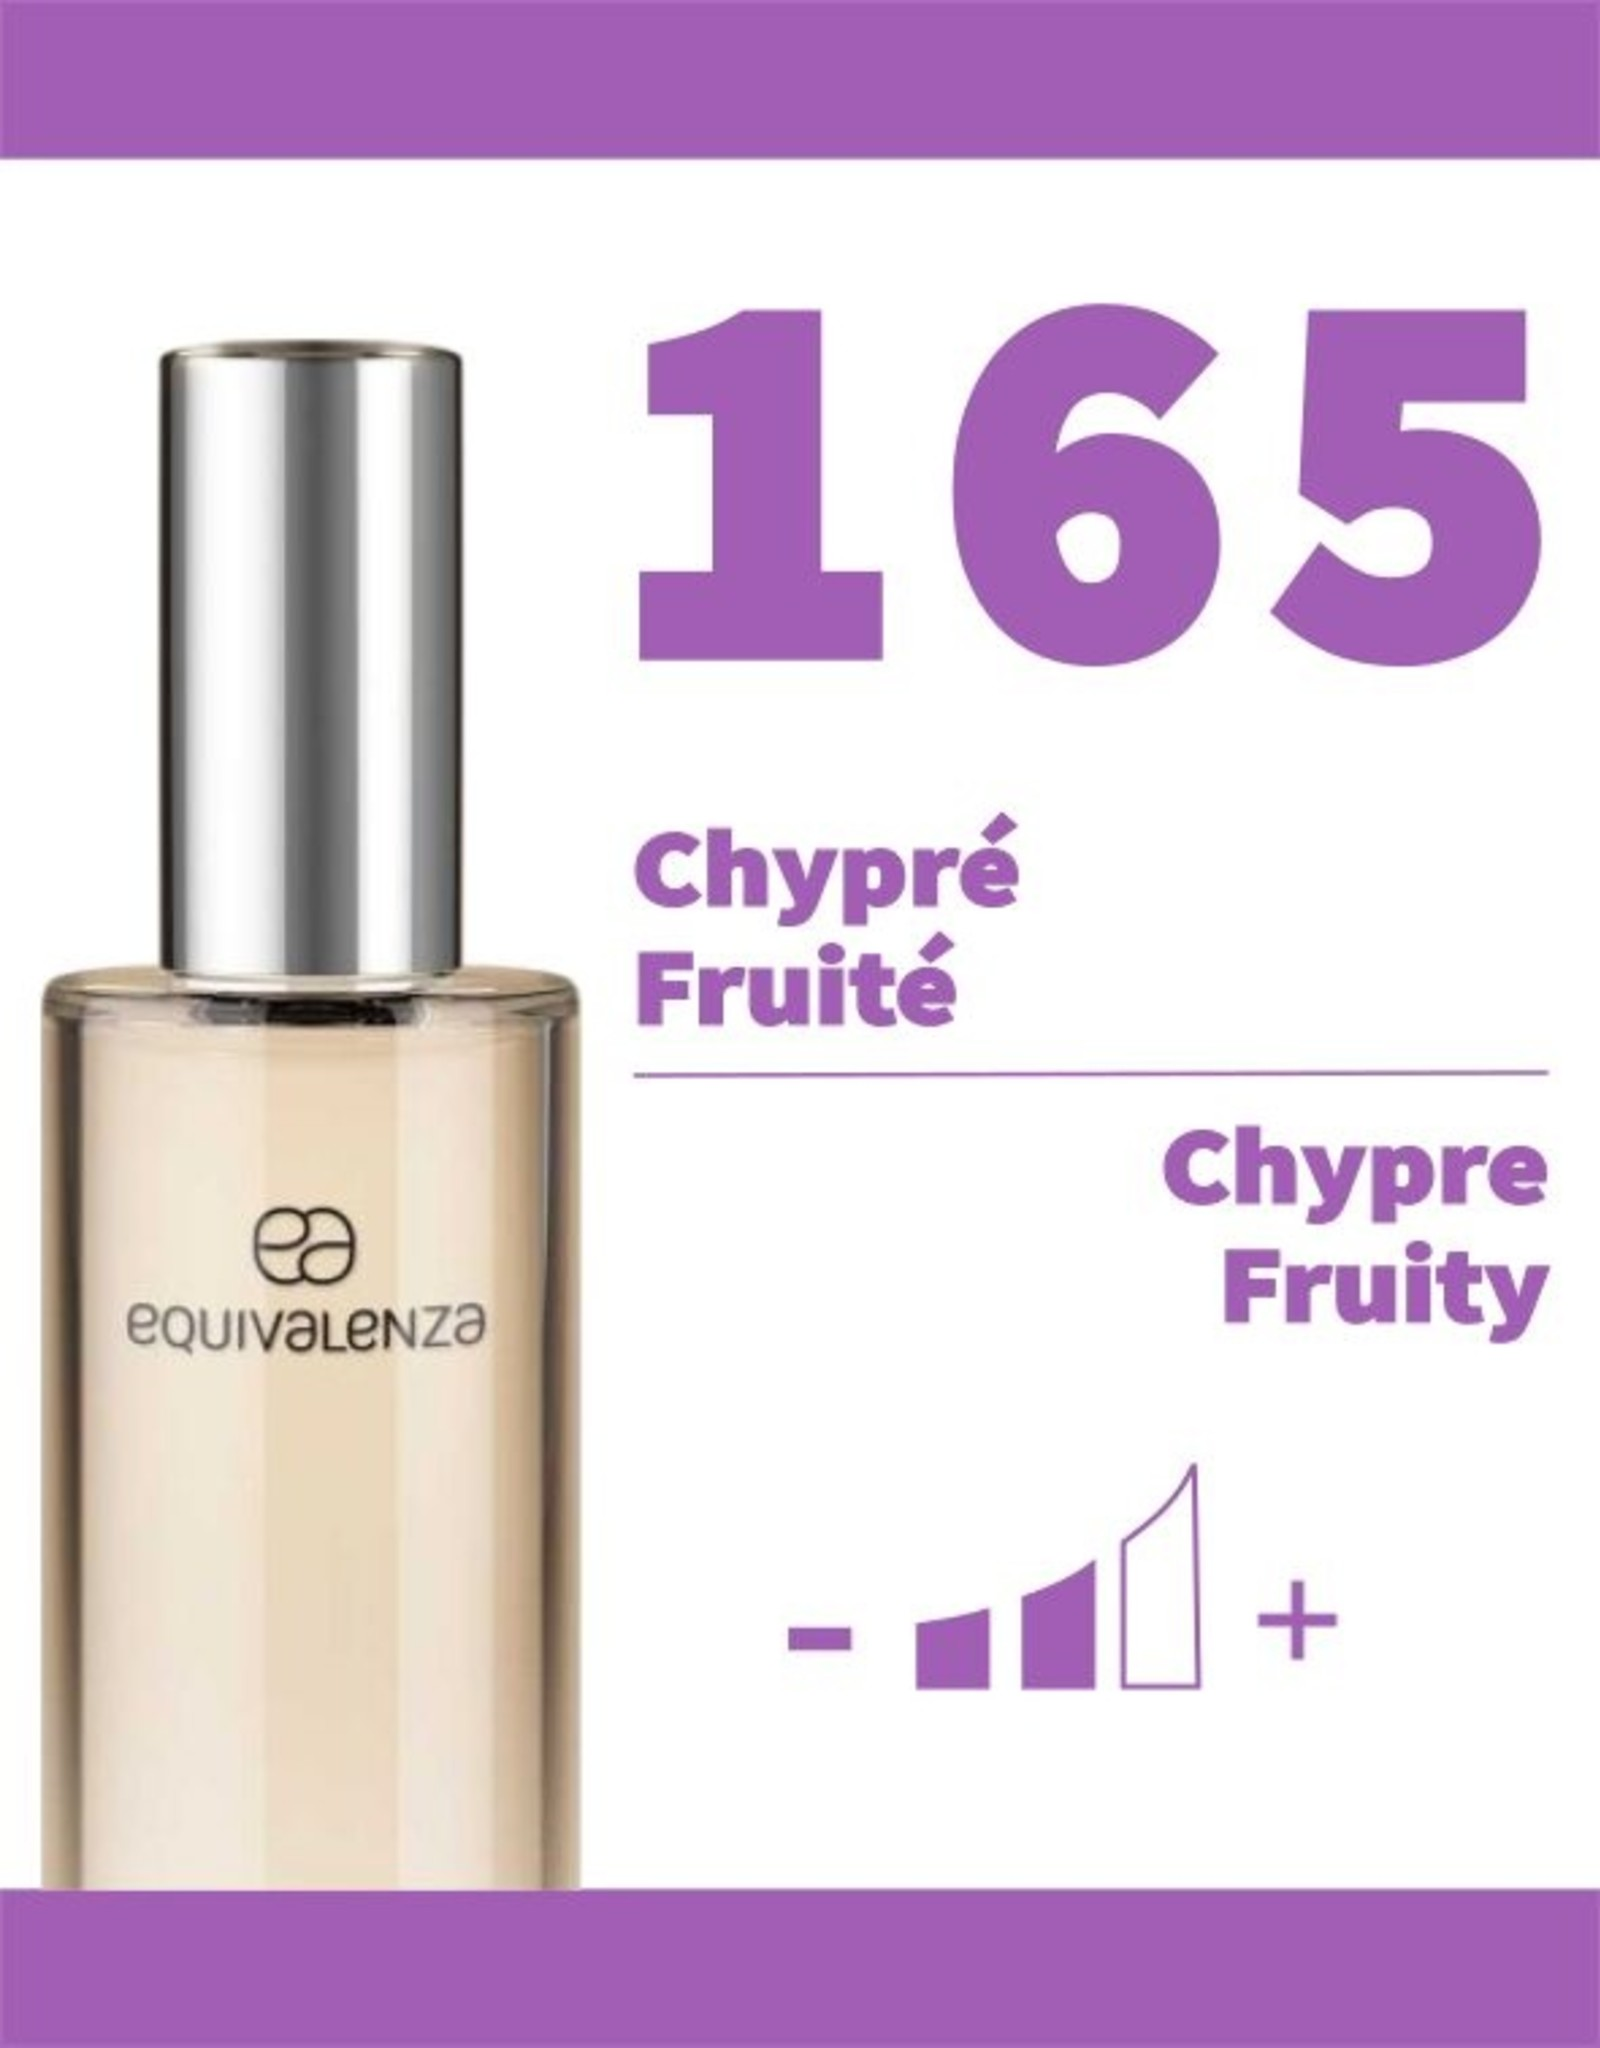 Equivalenza Eau de Parfum Chypré Fruité 165